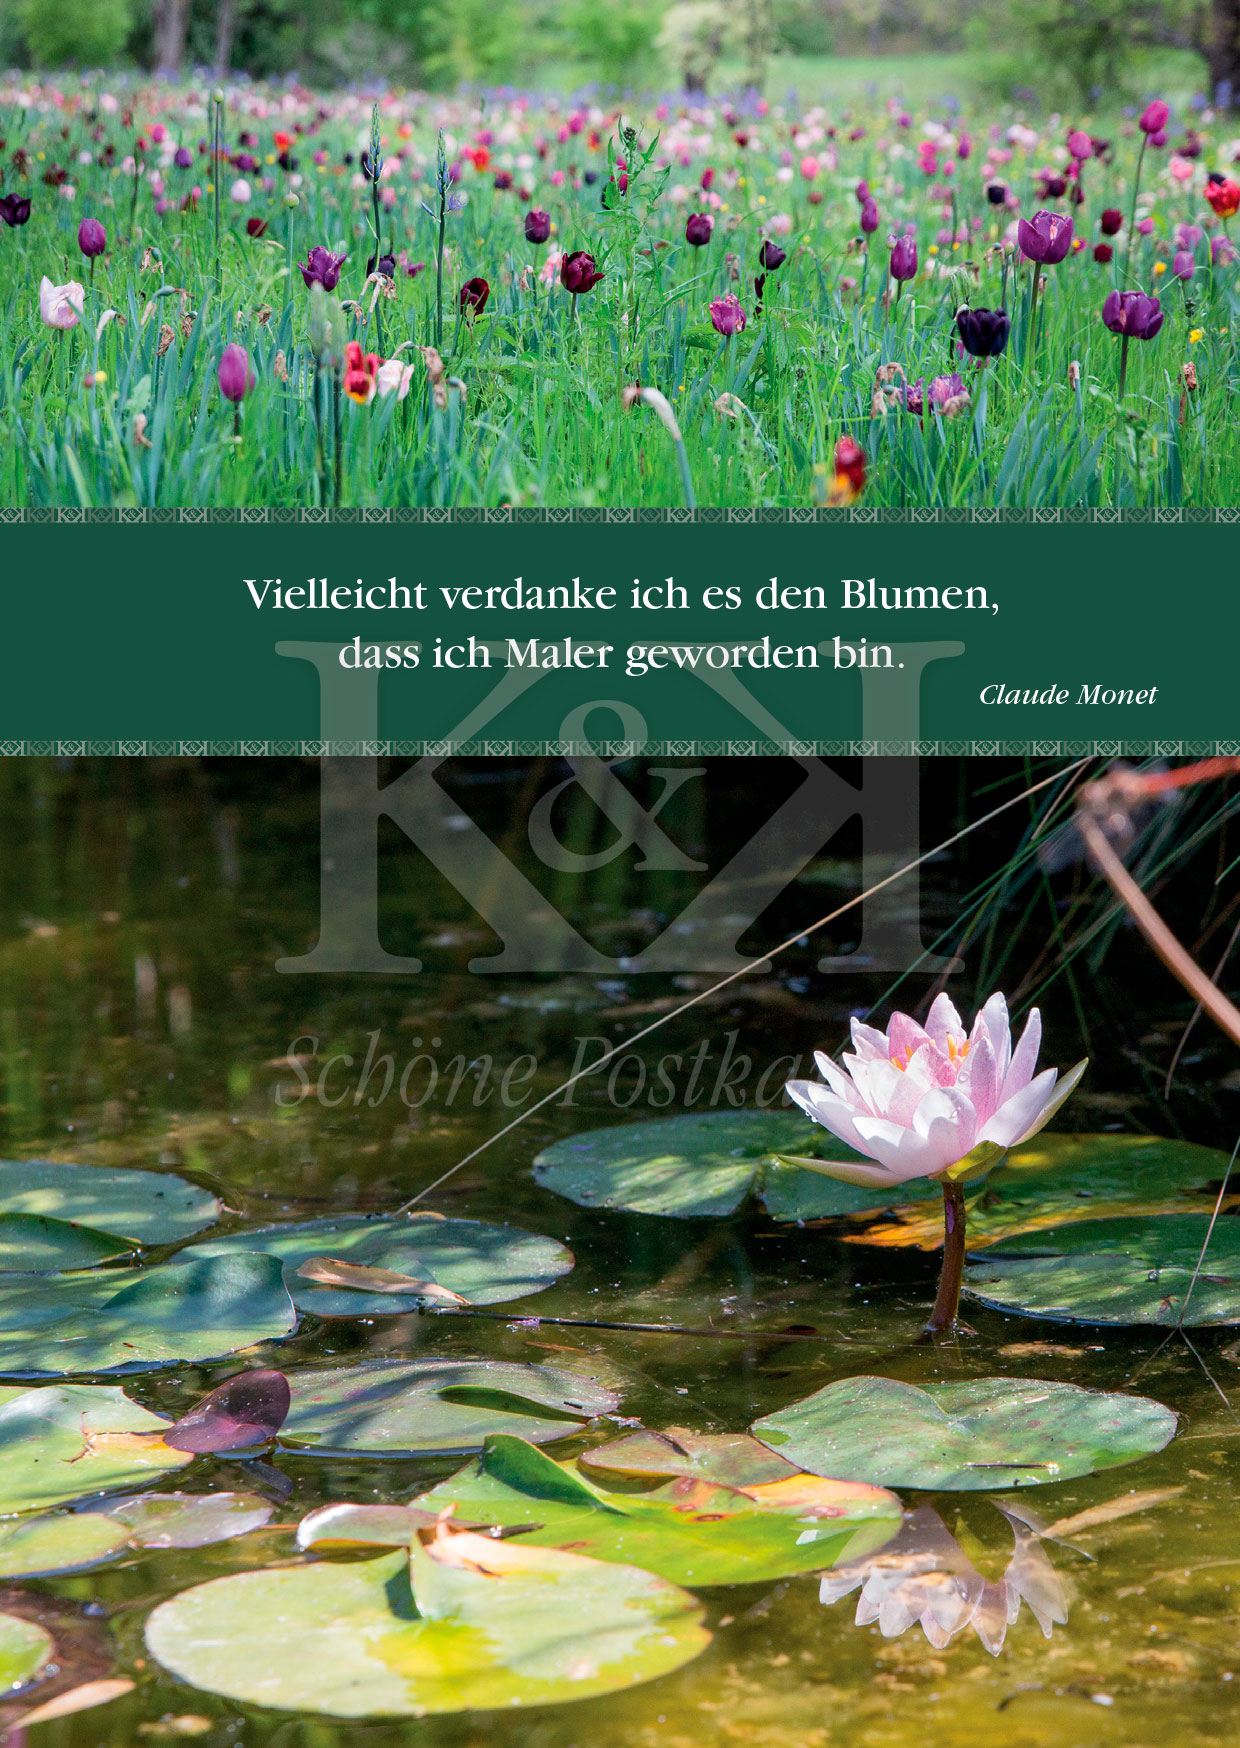 Schöne Postkarte Nr. 119 · Licht, Farben, Monet · © www.schoenepostkarten.de